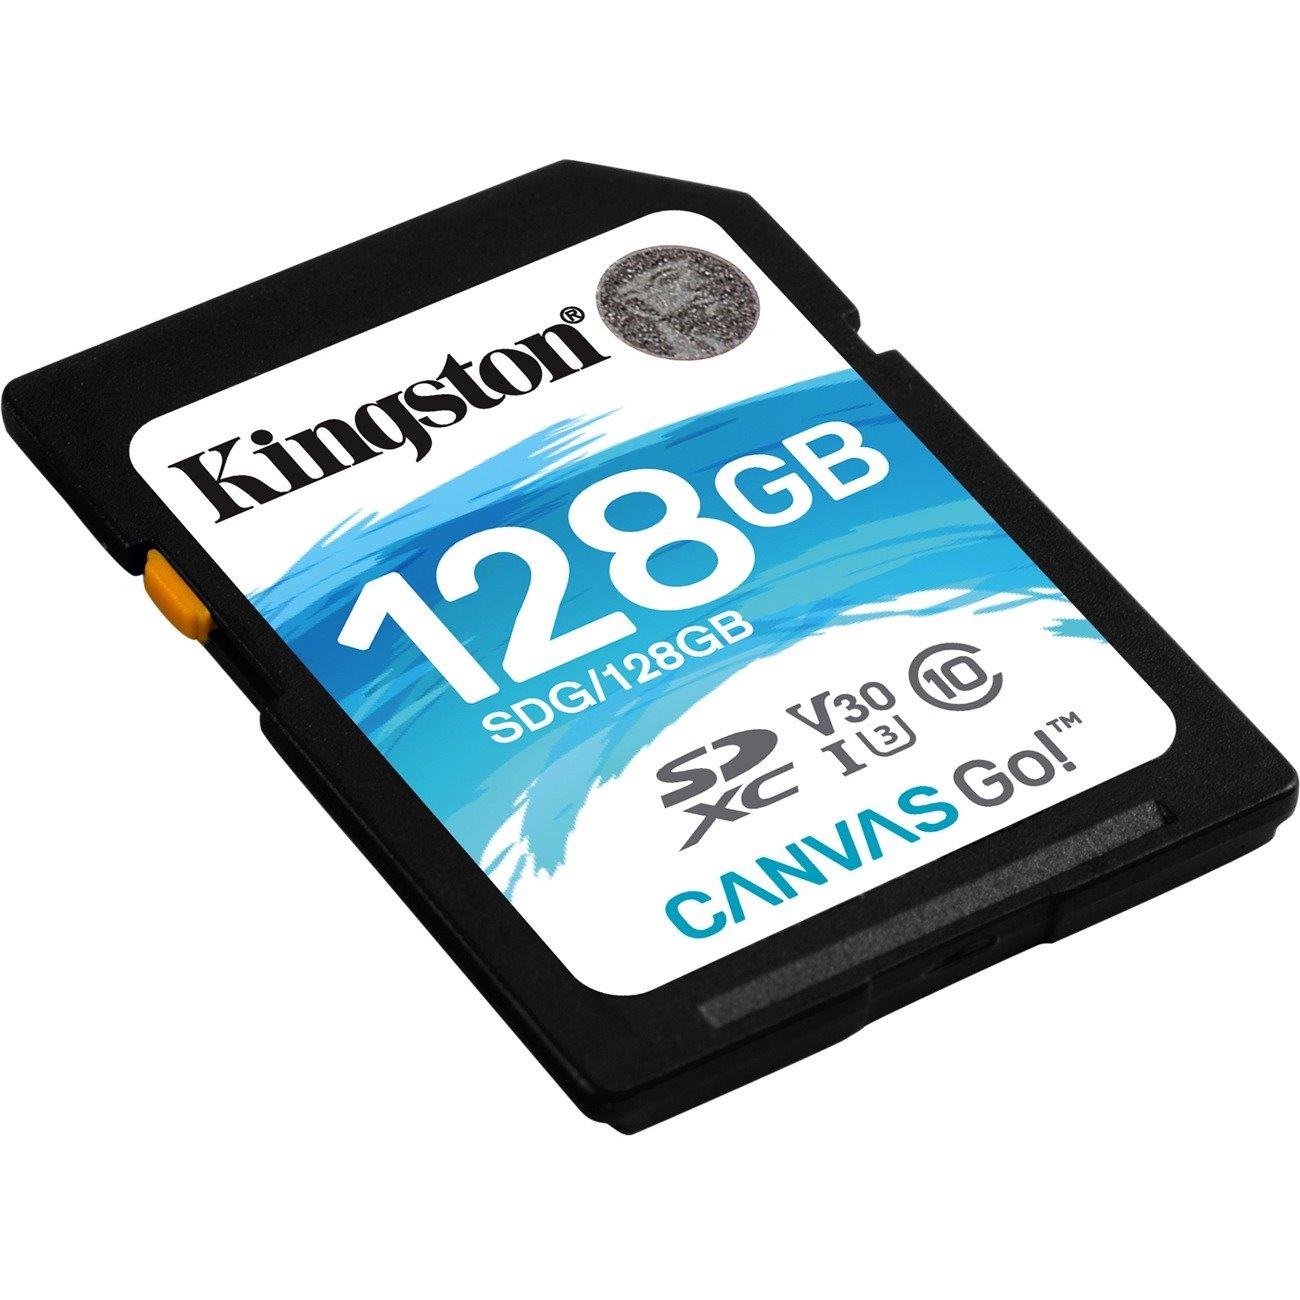 Kingston Canvas Go! 128 GB Class 10/UHS-I (U3) SDXC